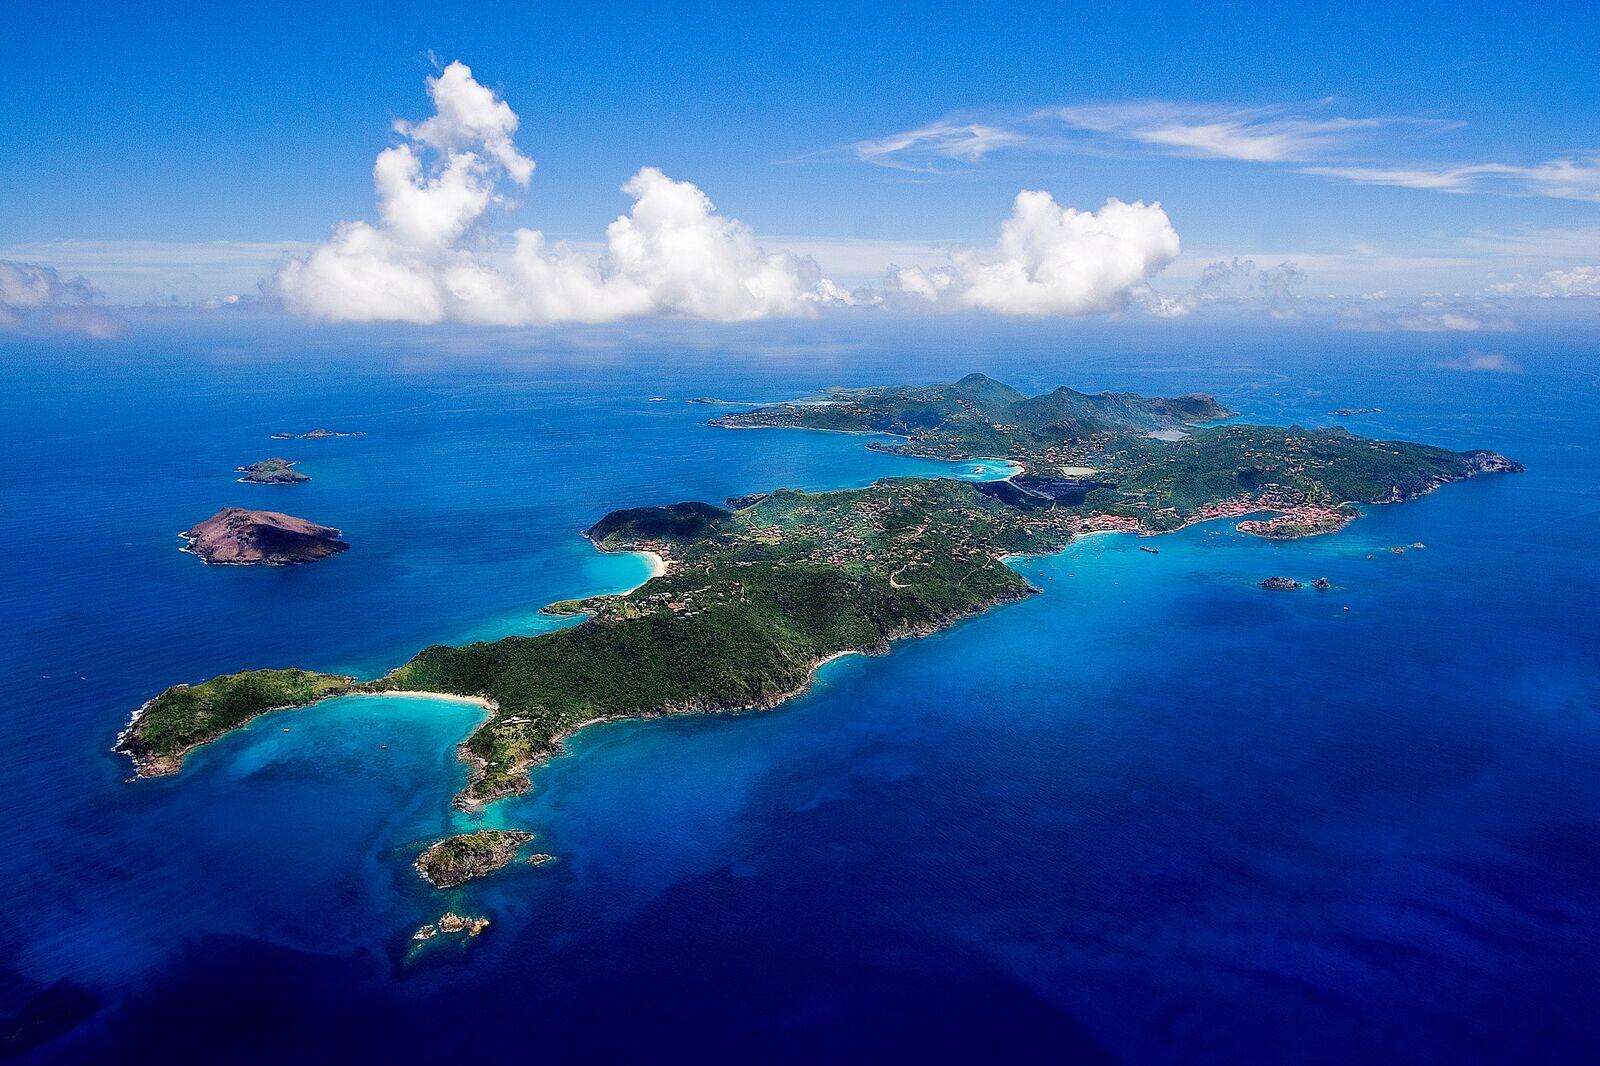 St Barth est une île paradisiaque